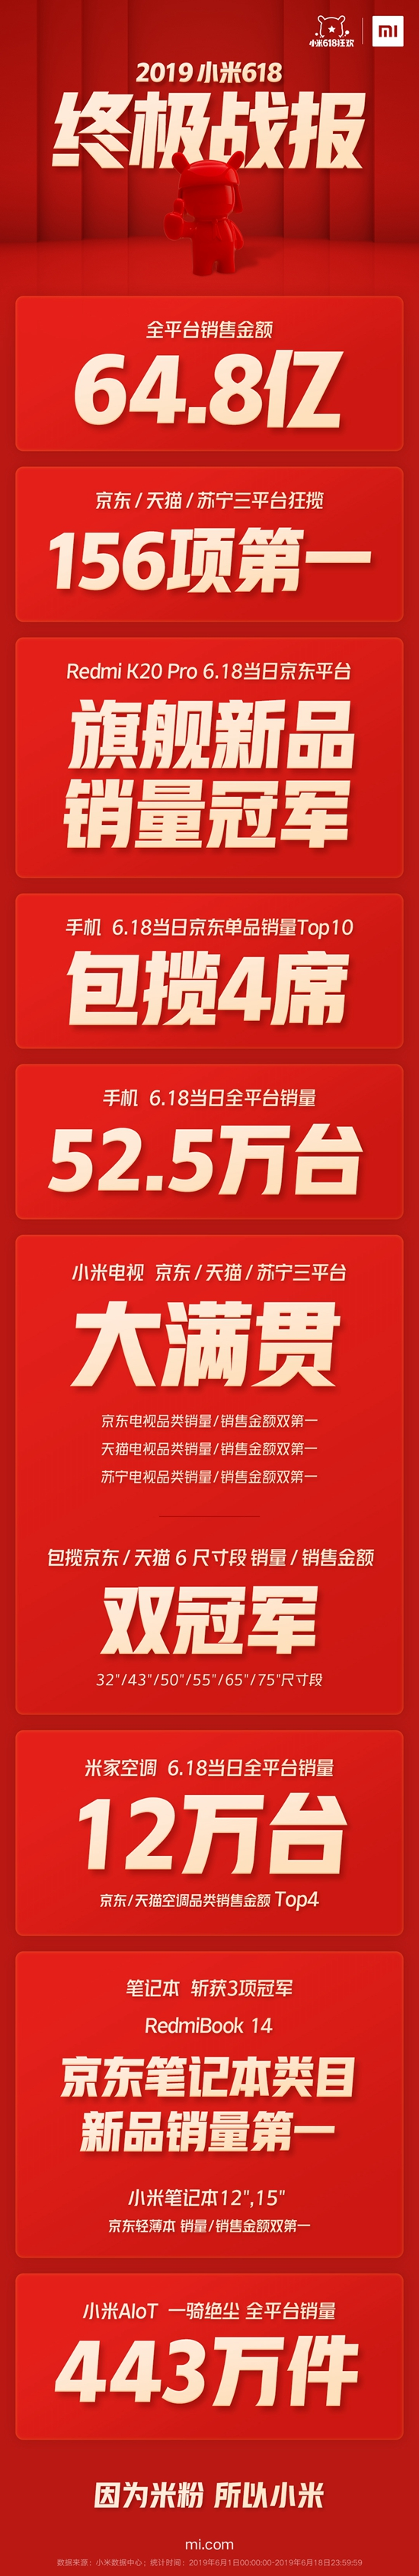 小米618三平台狂揽156项第一 AIoT一骑绝尘全平台销量443万件